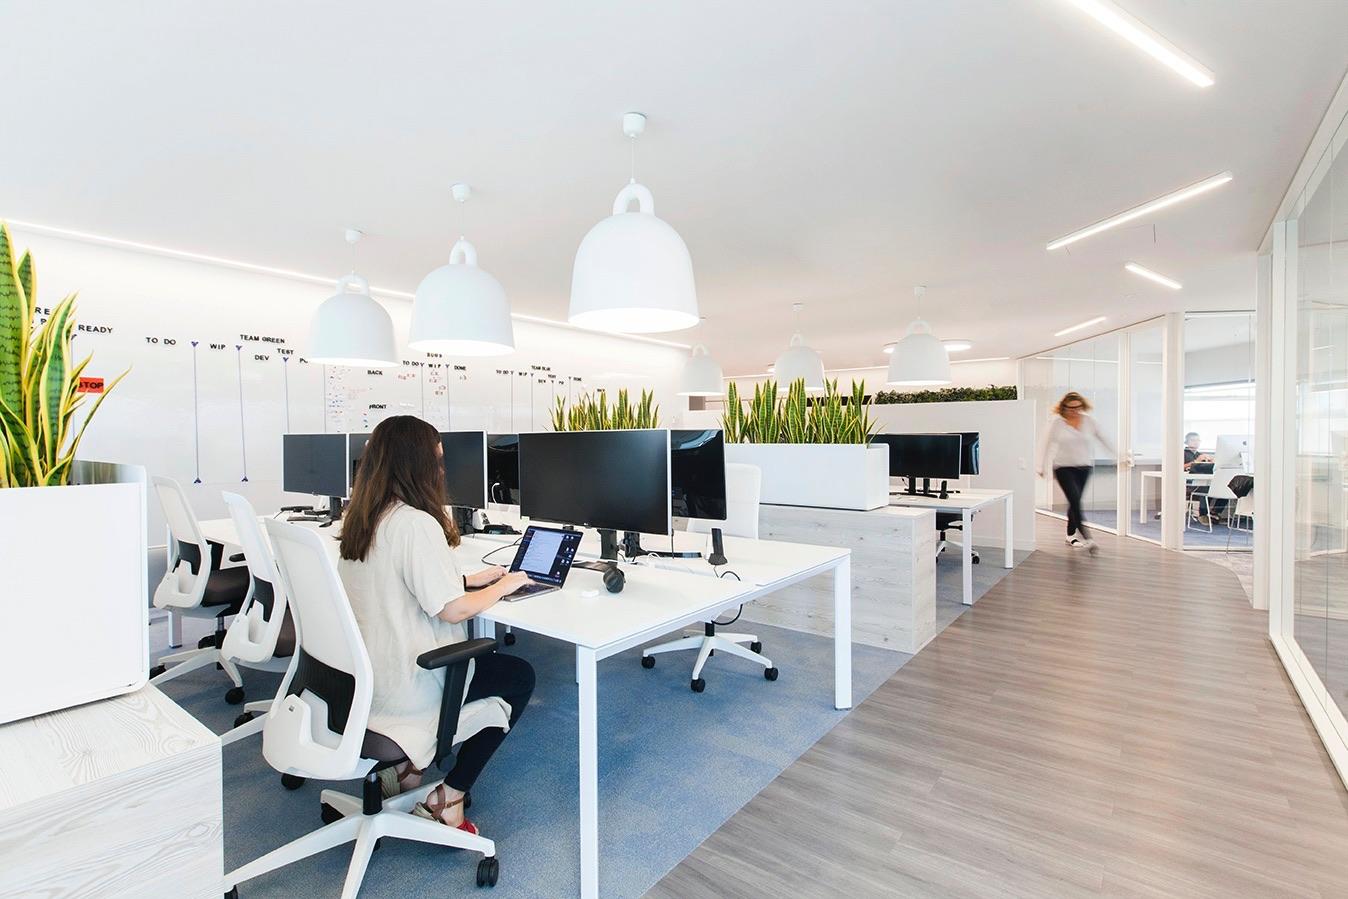 oficinas_decoraciondeoficinas_plantasparaoficinas_ plantasartificialesparaoficinas